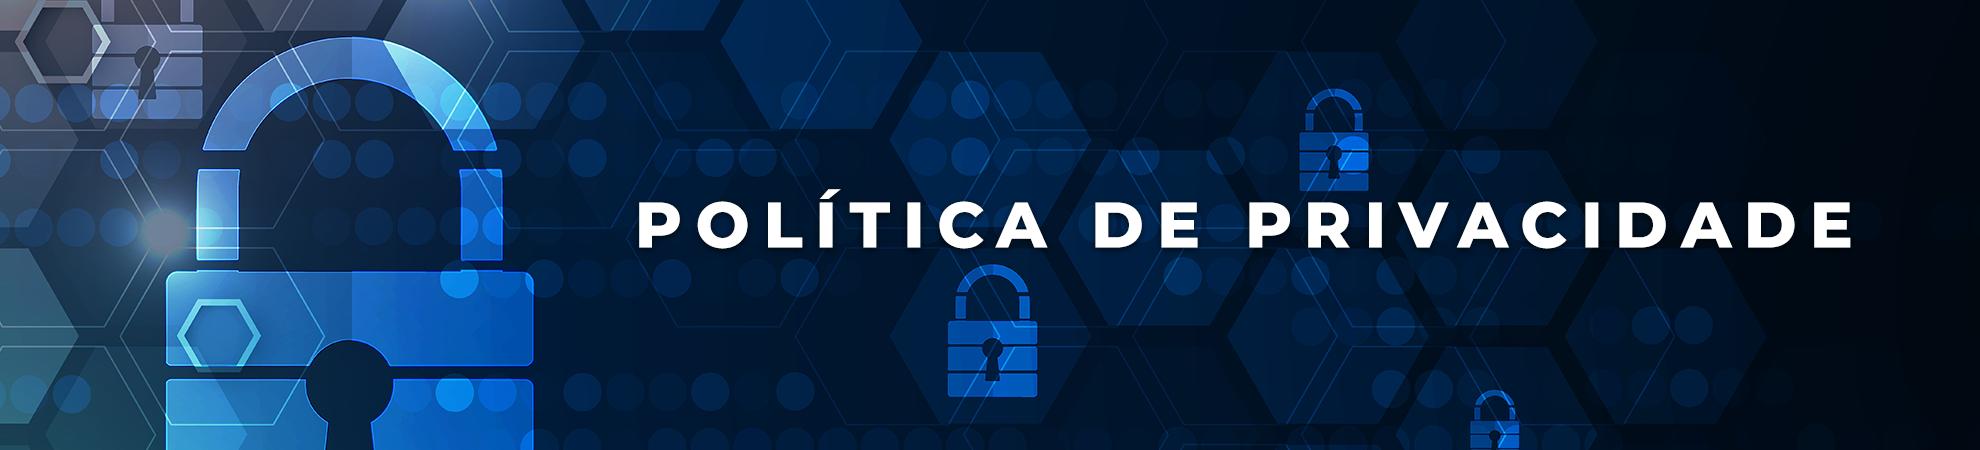 banner_politica_privacidade